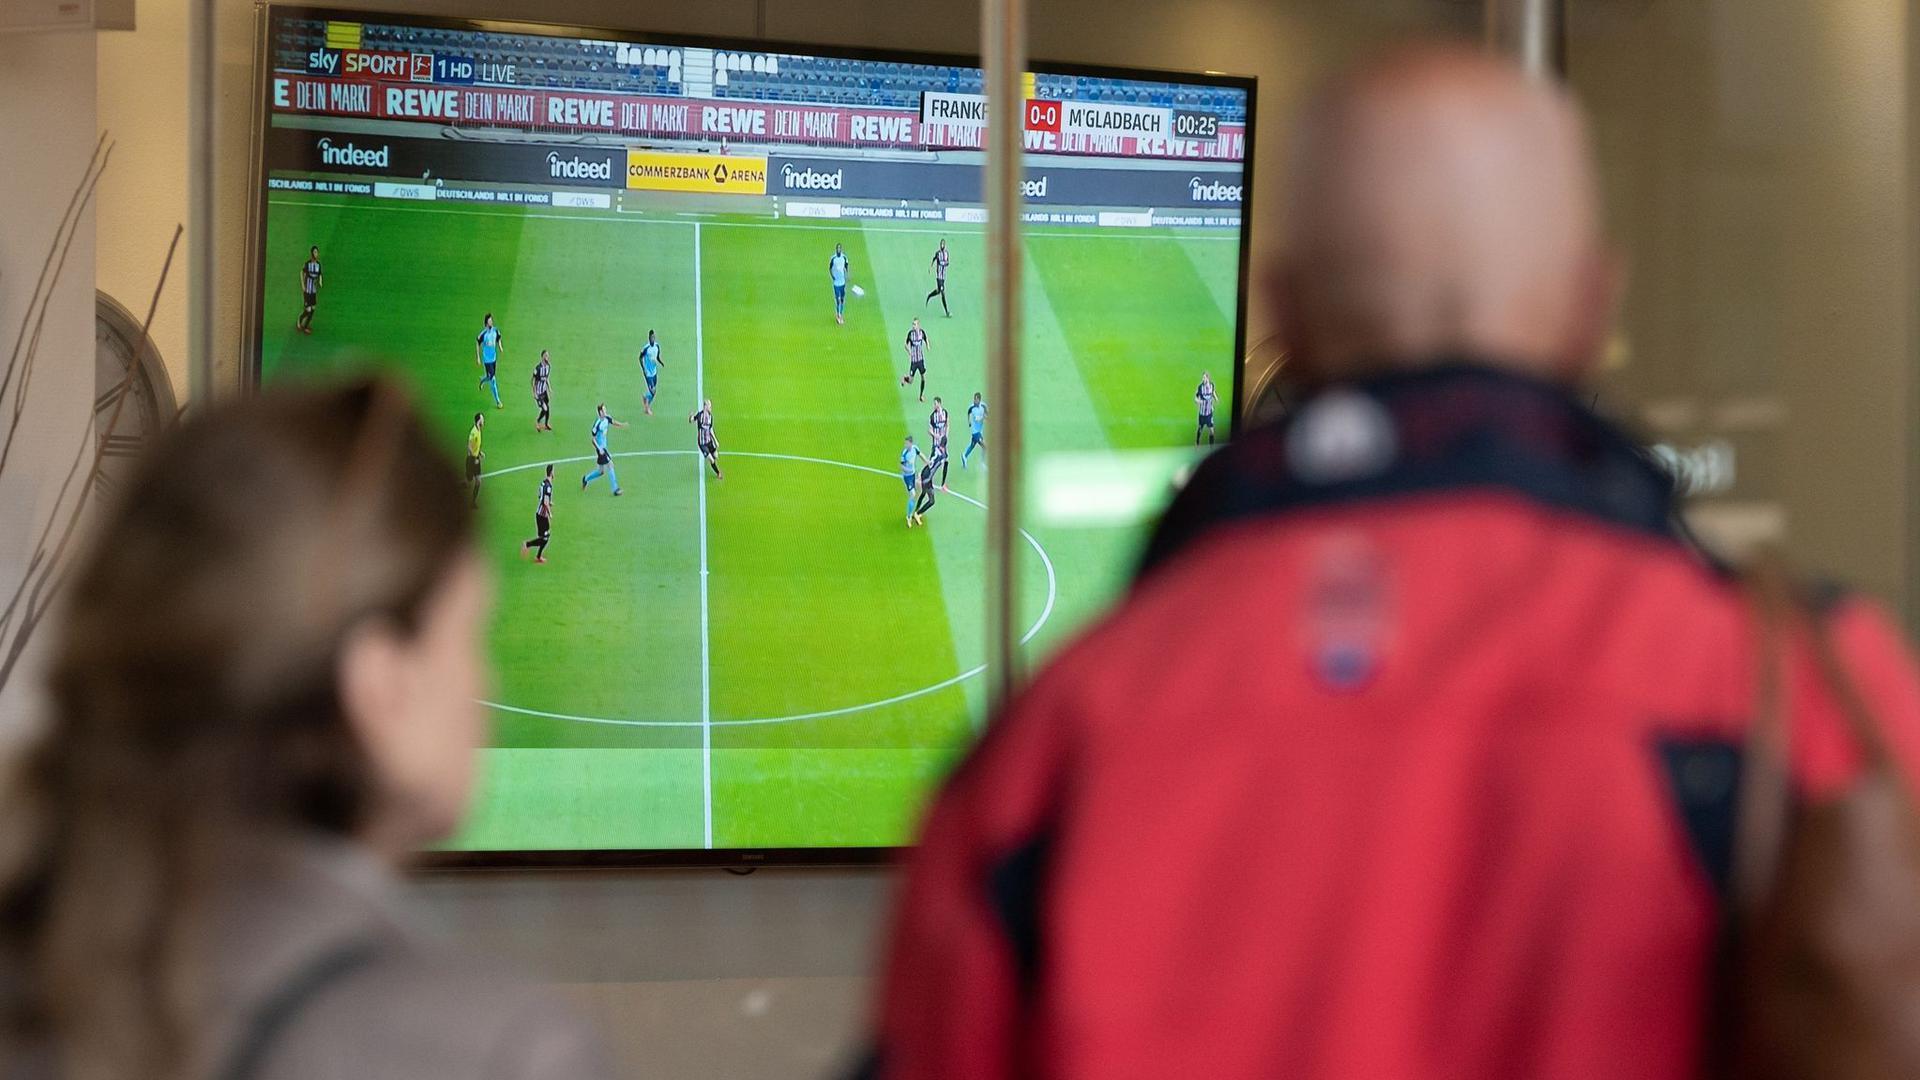 Zwei Menschen verfolgen außerhalb einer Bar ein Fußballspiel.